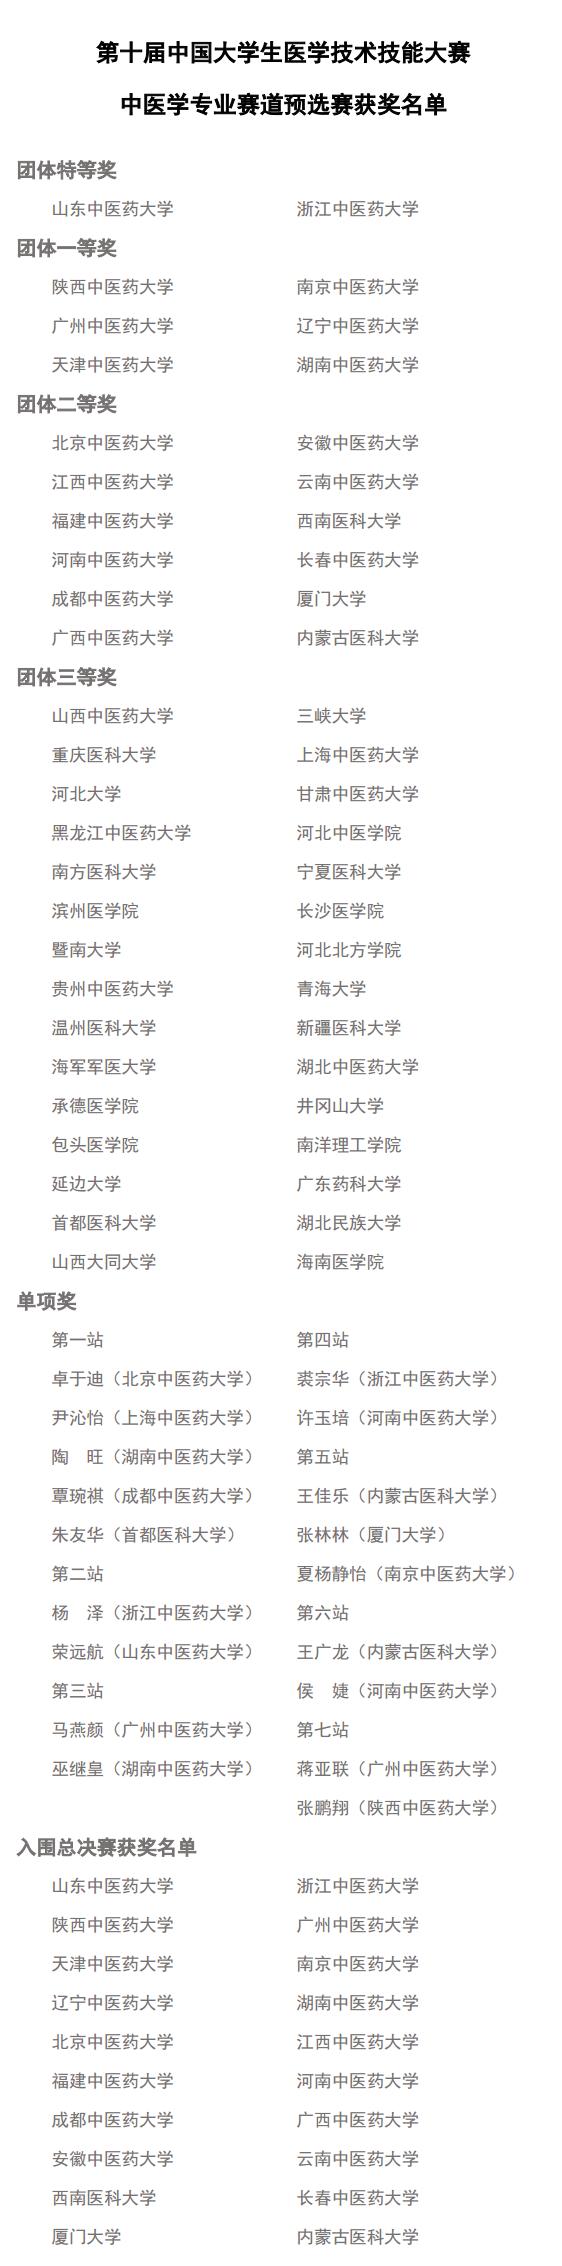 热烈祝贺第十届中国大学生医学技术技能大赛万博体育助手app下载学专业赛道预选赛圆满落幕